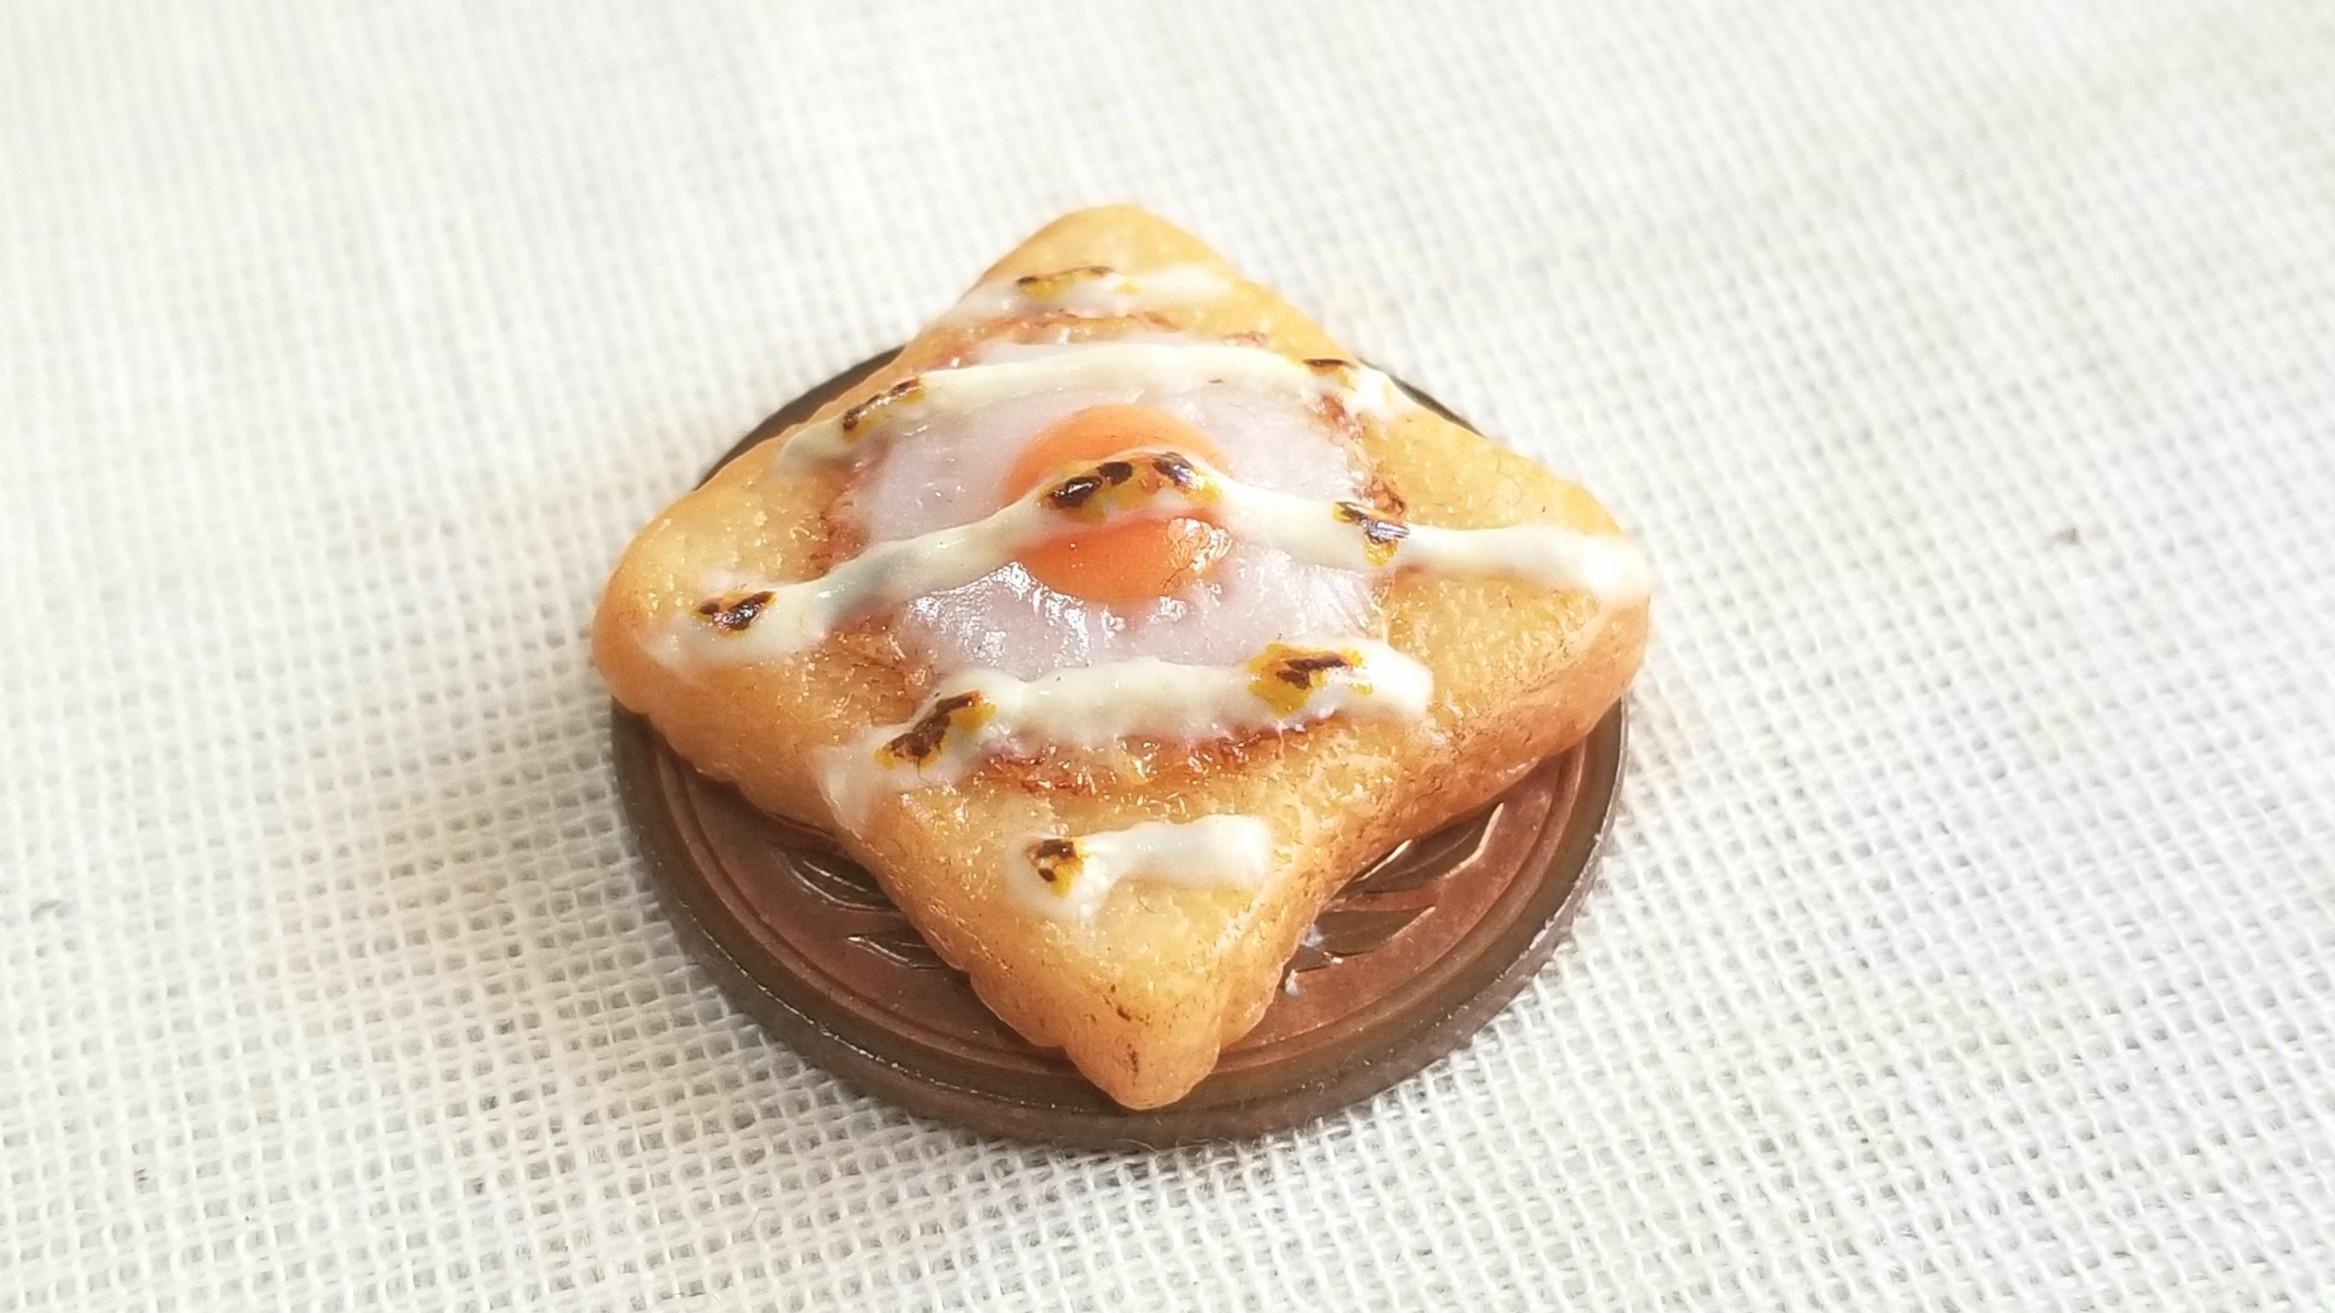 ミニチュアオリジナルトースト,おいしい食パン,樹脂粘土アート,人気